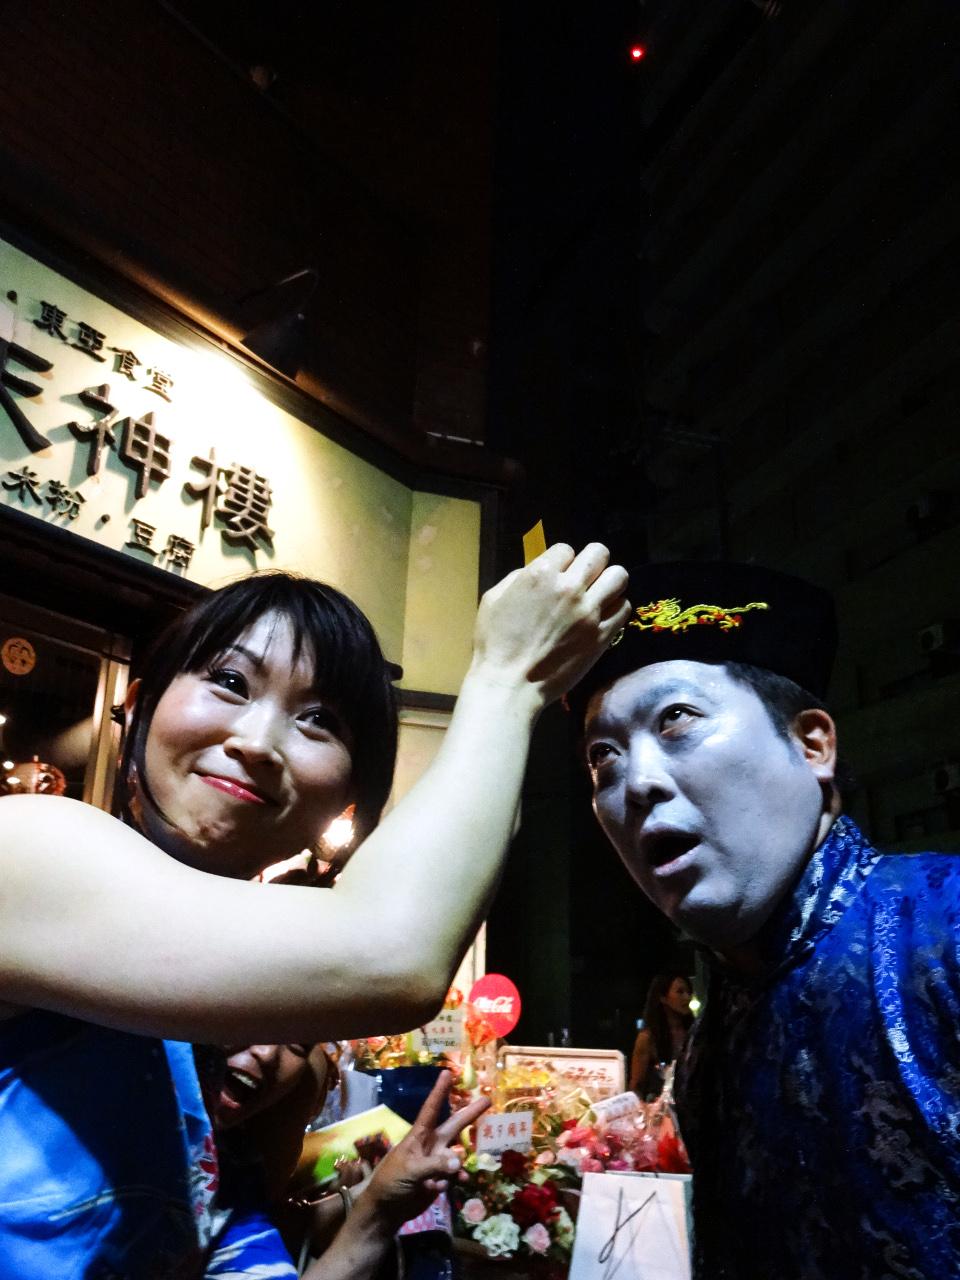 雑食雑記:黒龍天神樓 9周年記念パーティに参加して来ましたっ!